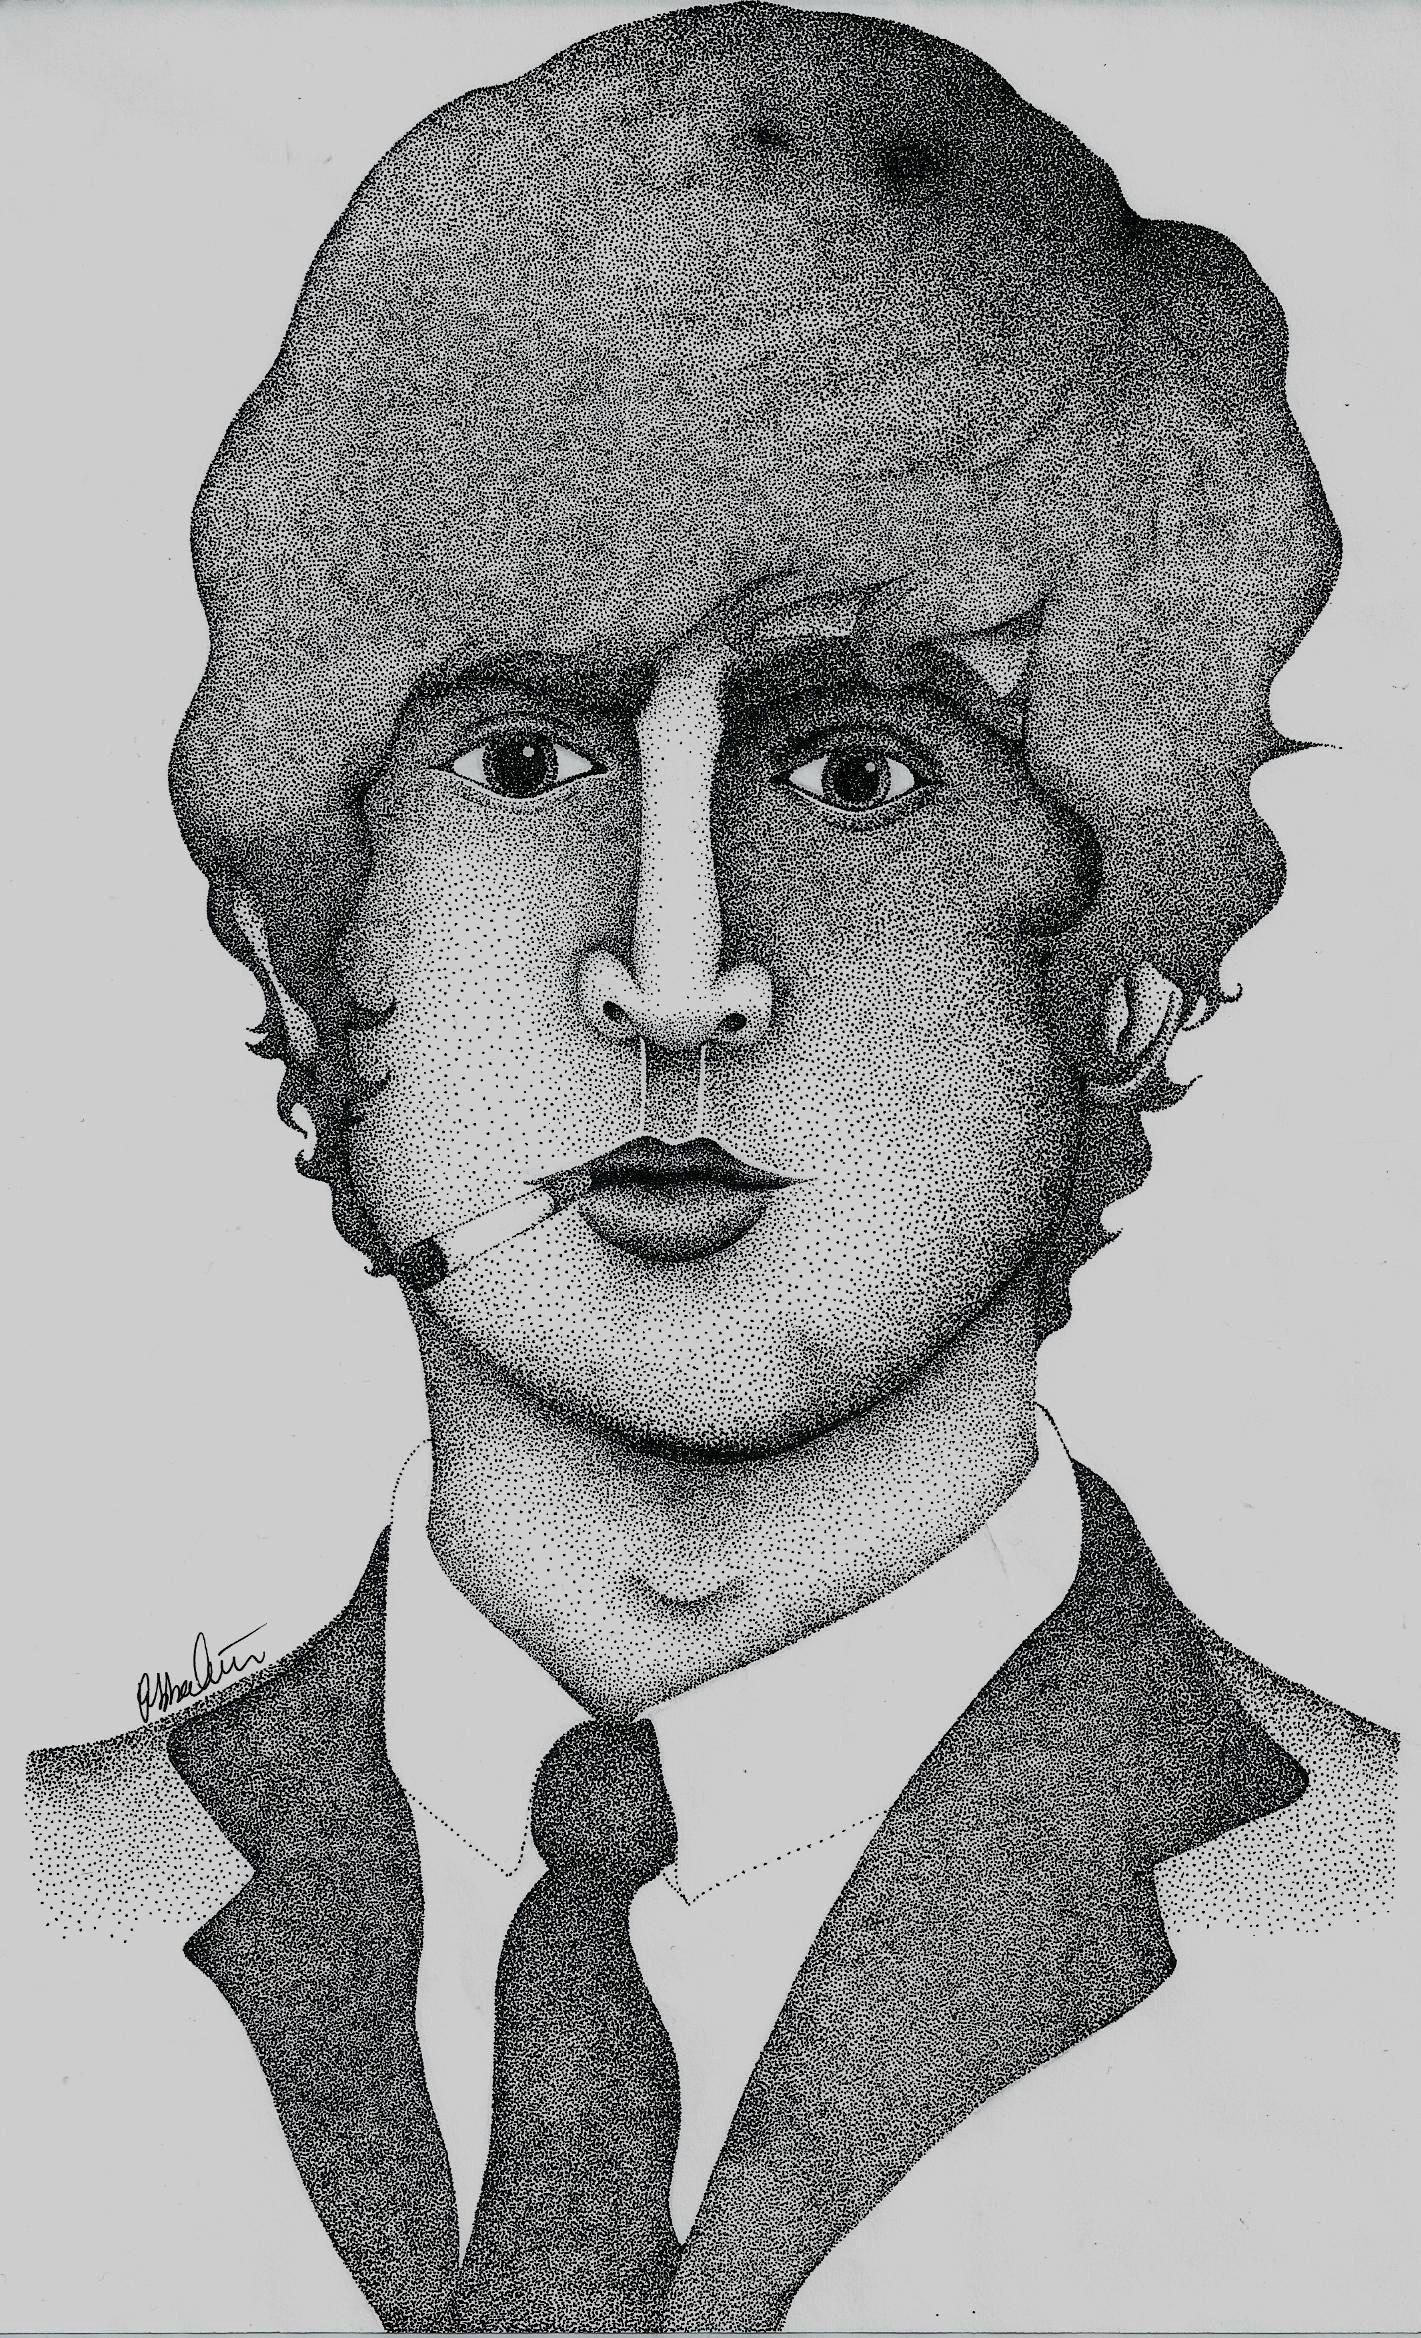 John Lennon Pointilism by EbbaOzolins